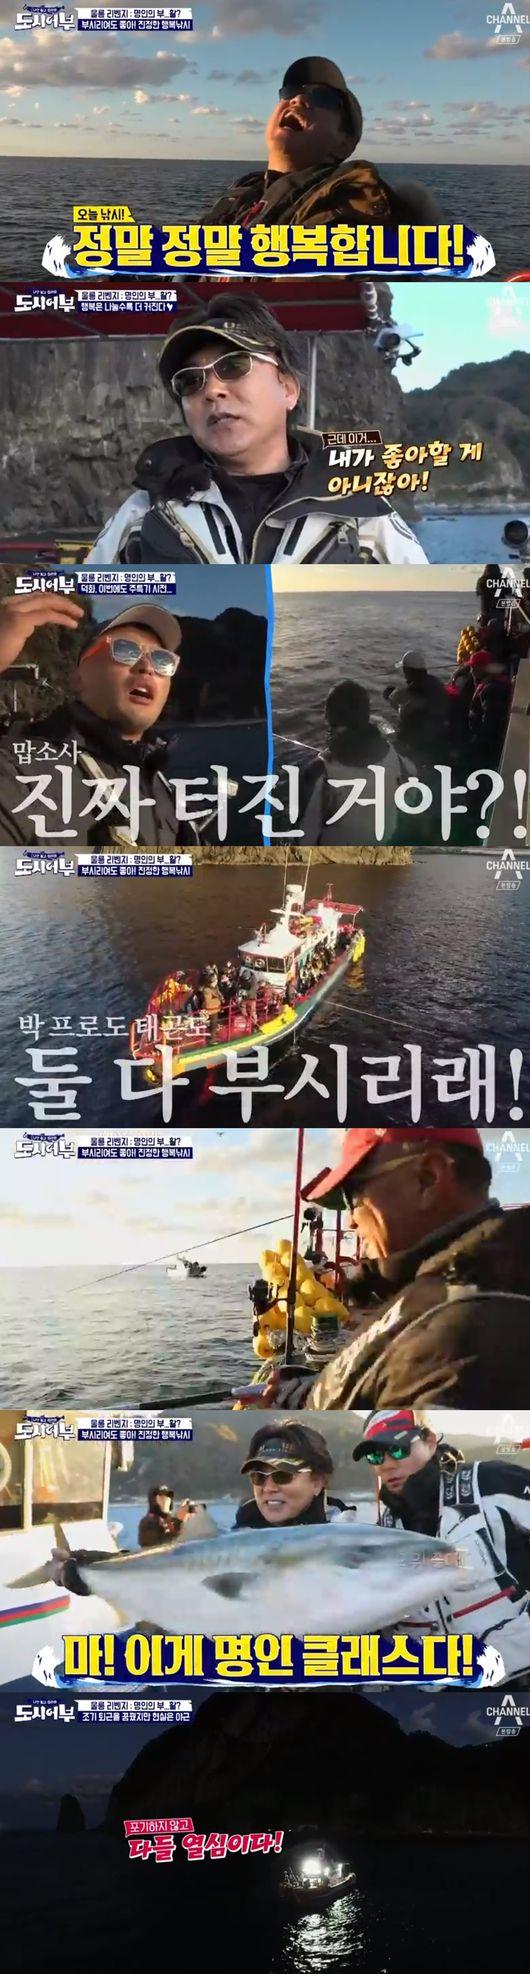 """'도시어부' 이경규, 참돔 잡기 실패에도 """"나는 행복합니다"""" 폭소[종합]"""